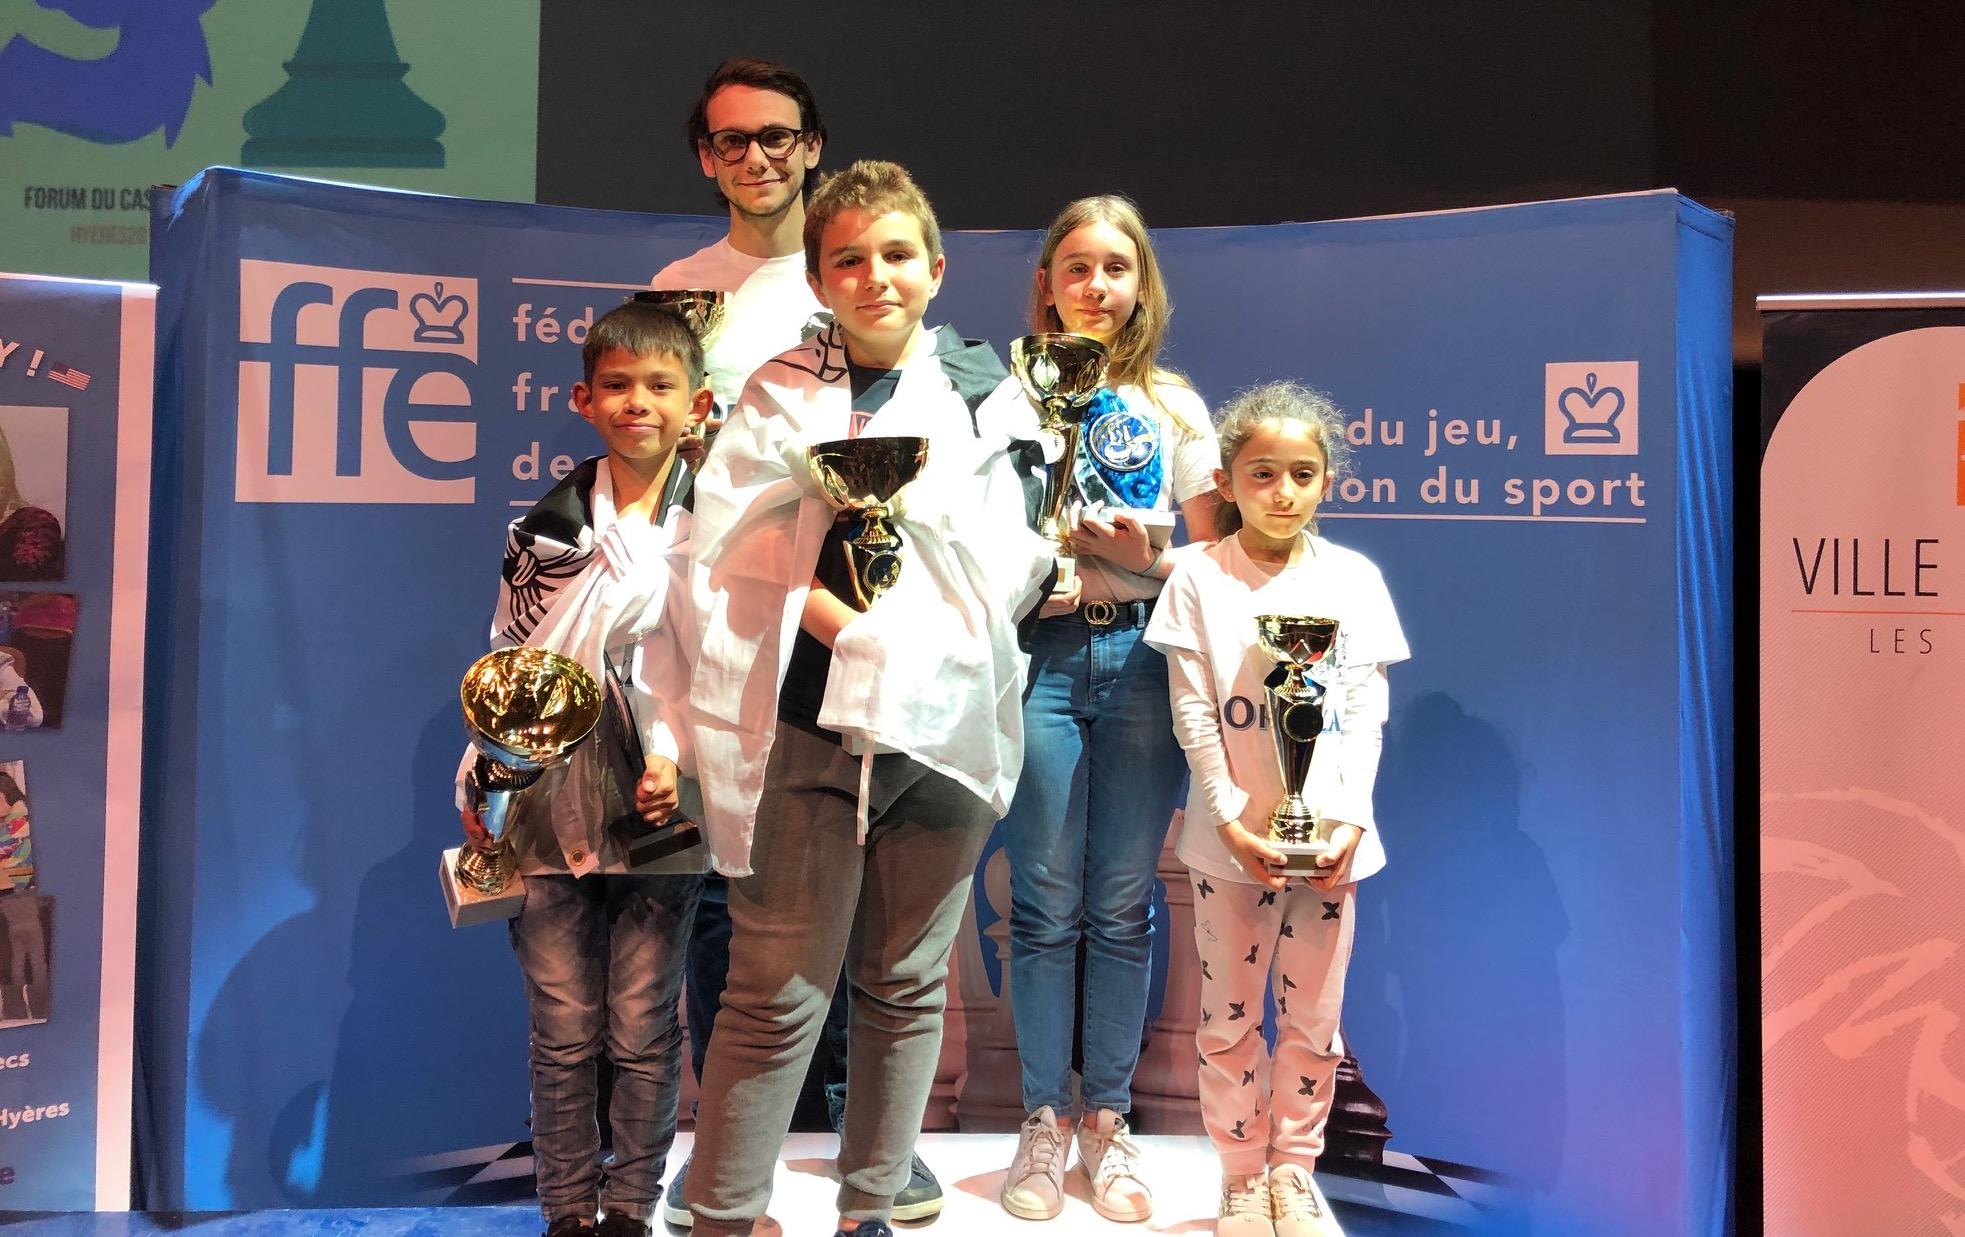 Les champions de France ! (https://www.corse-echecs.com/)